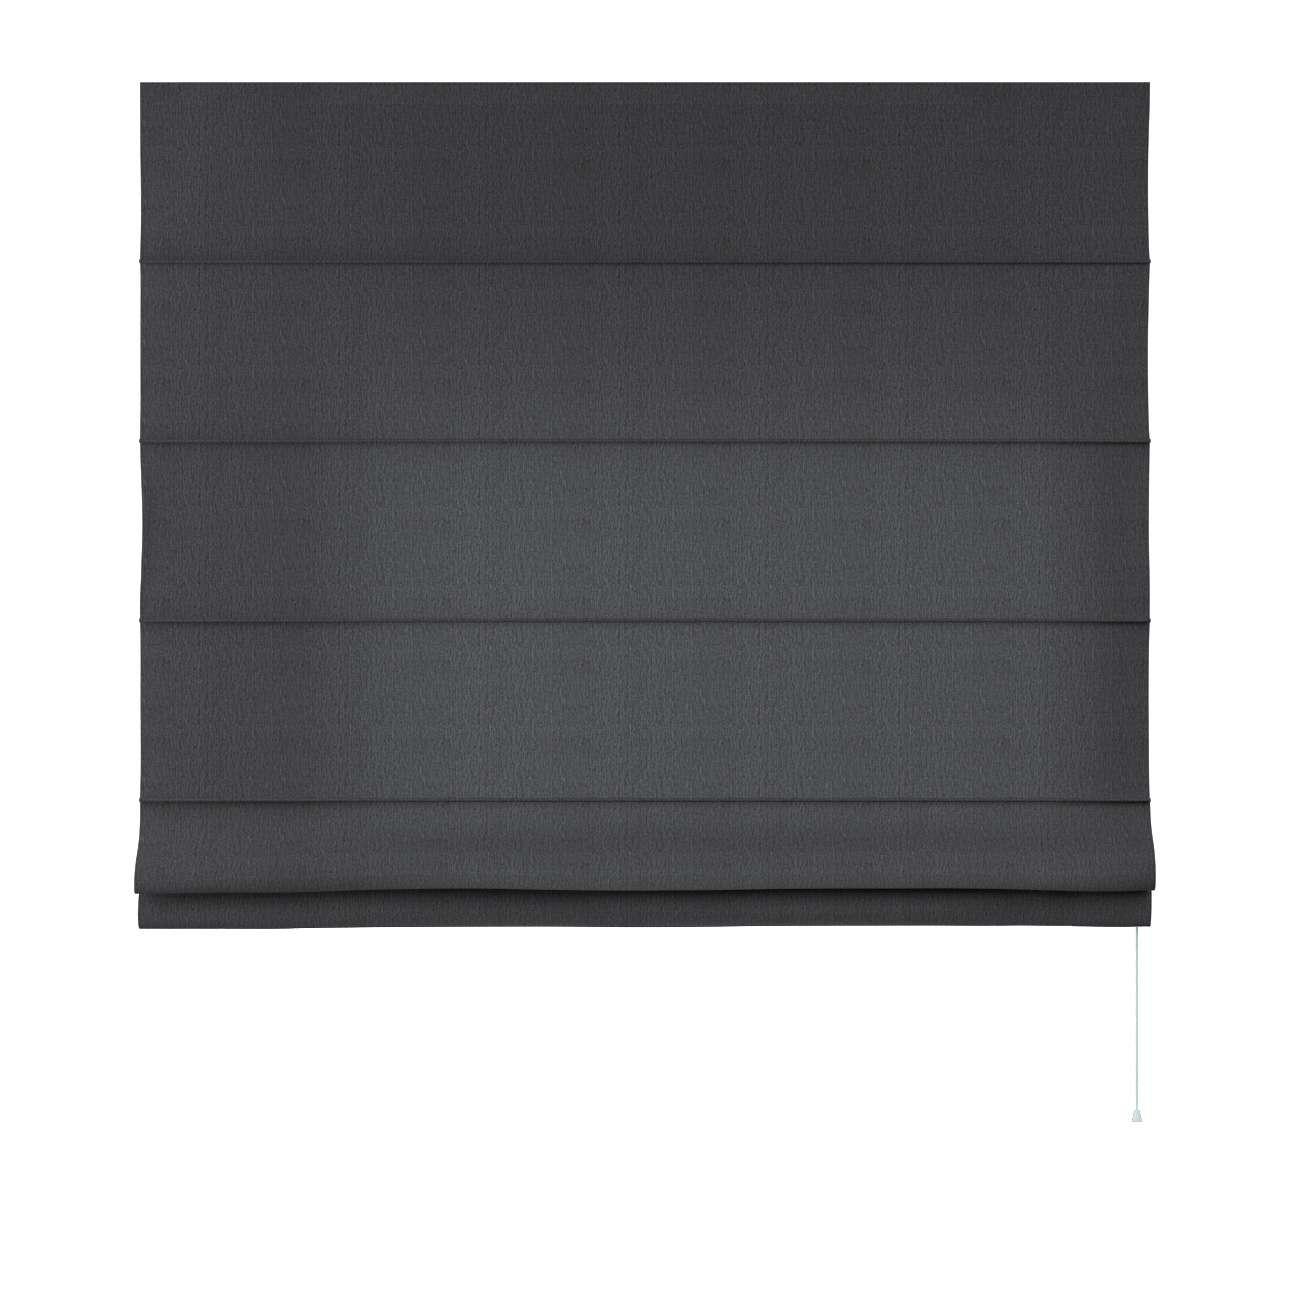 Capri roman blind 80 x 170 cm (31.5 x 67 inch) in collection Chenille, fabric: 702-20